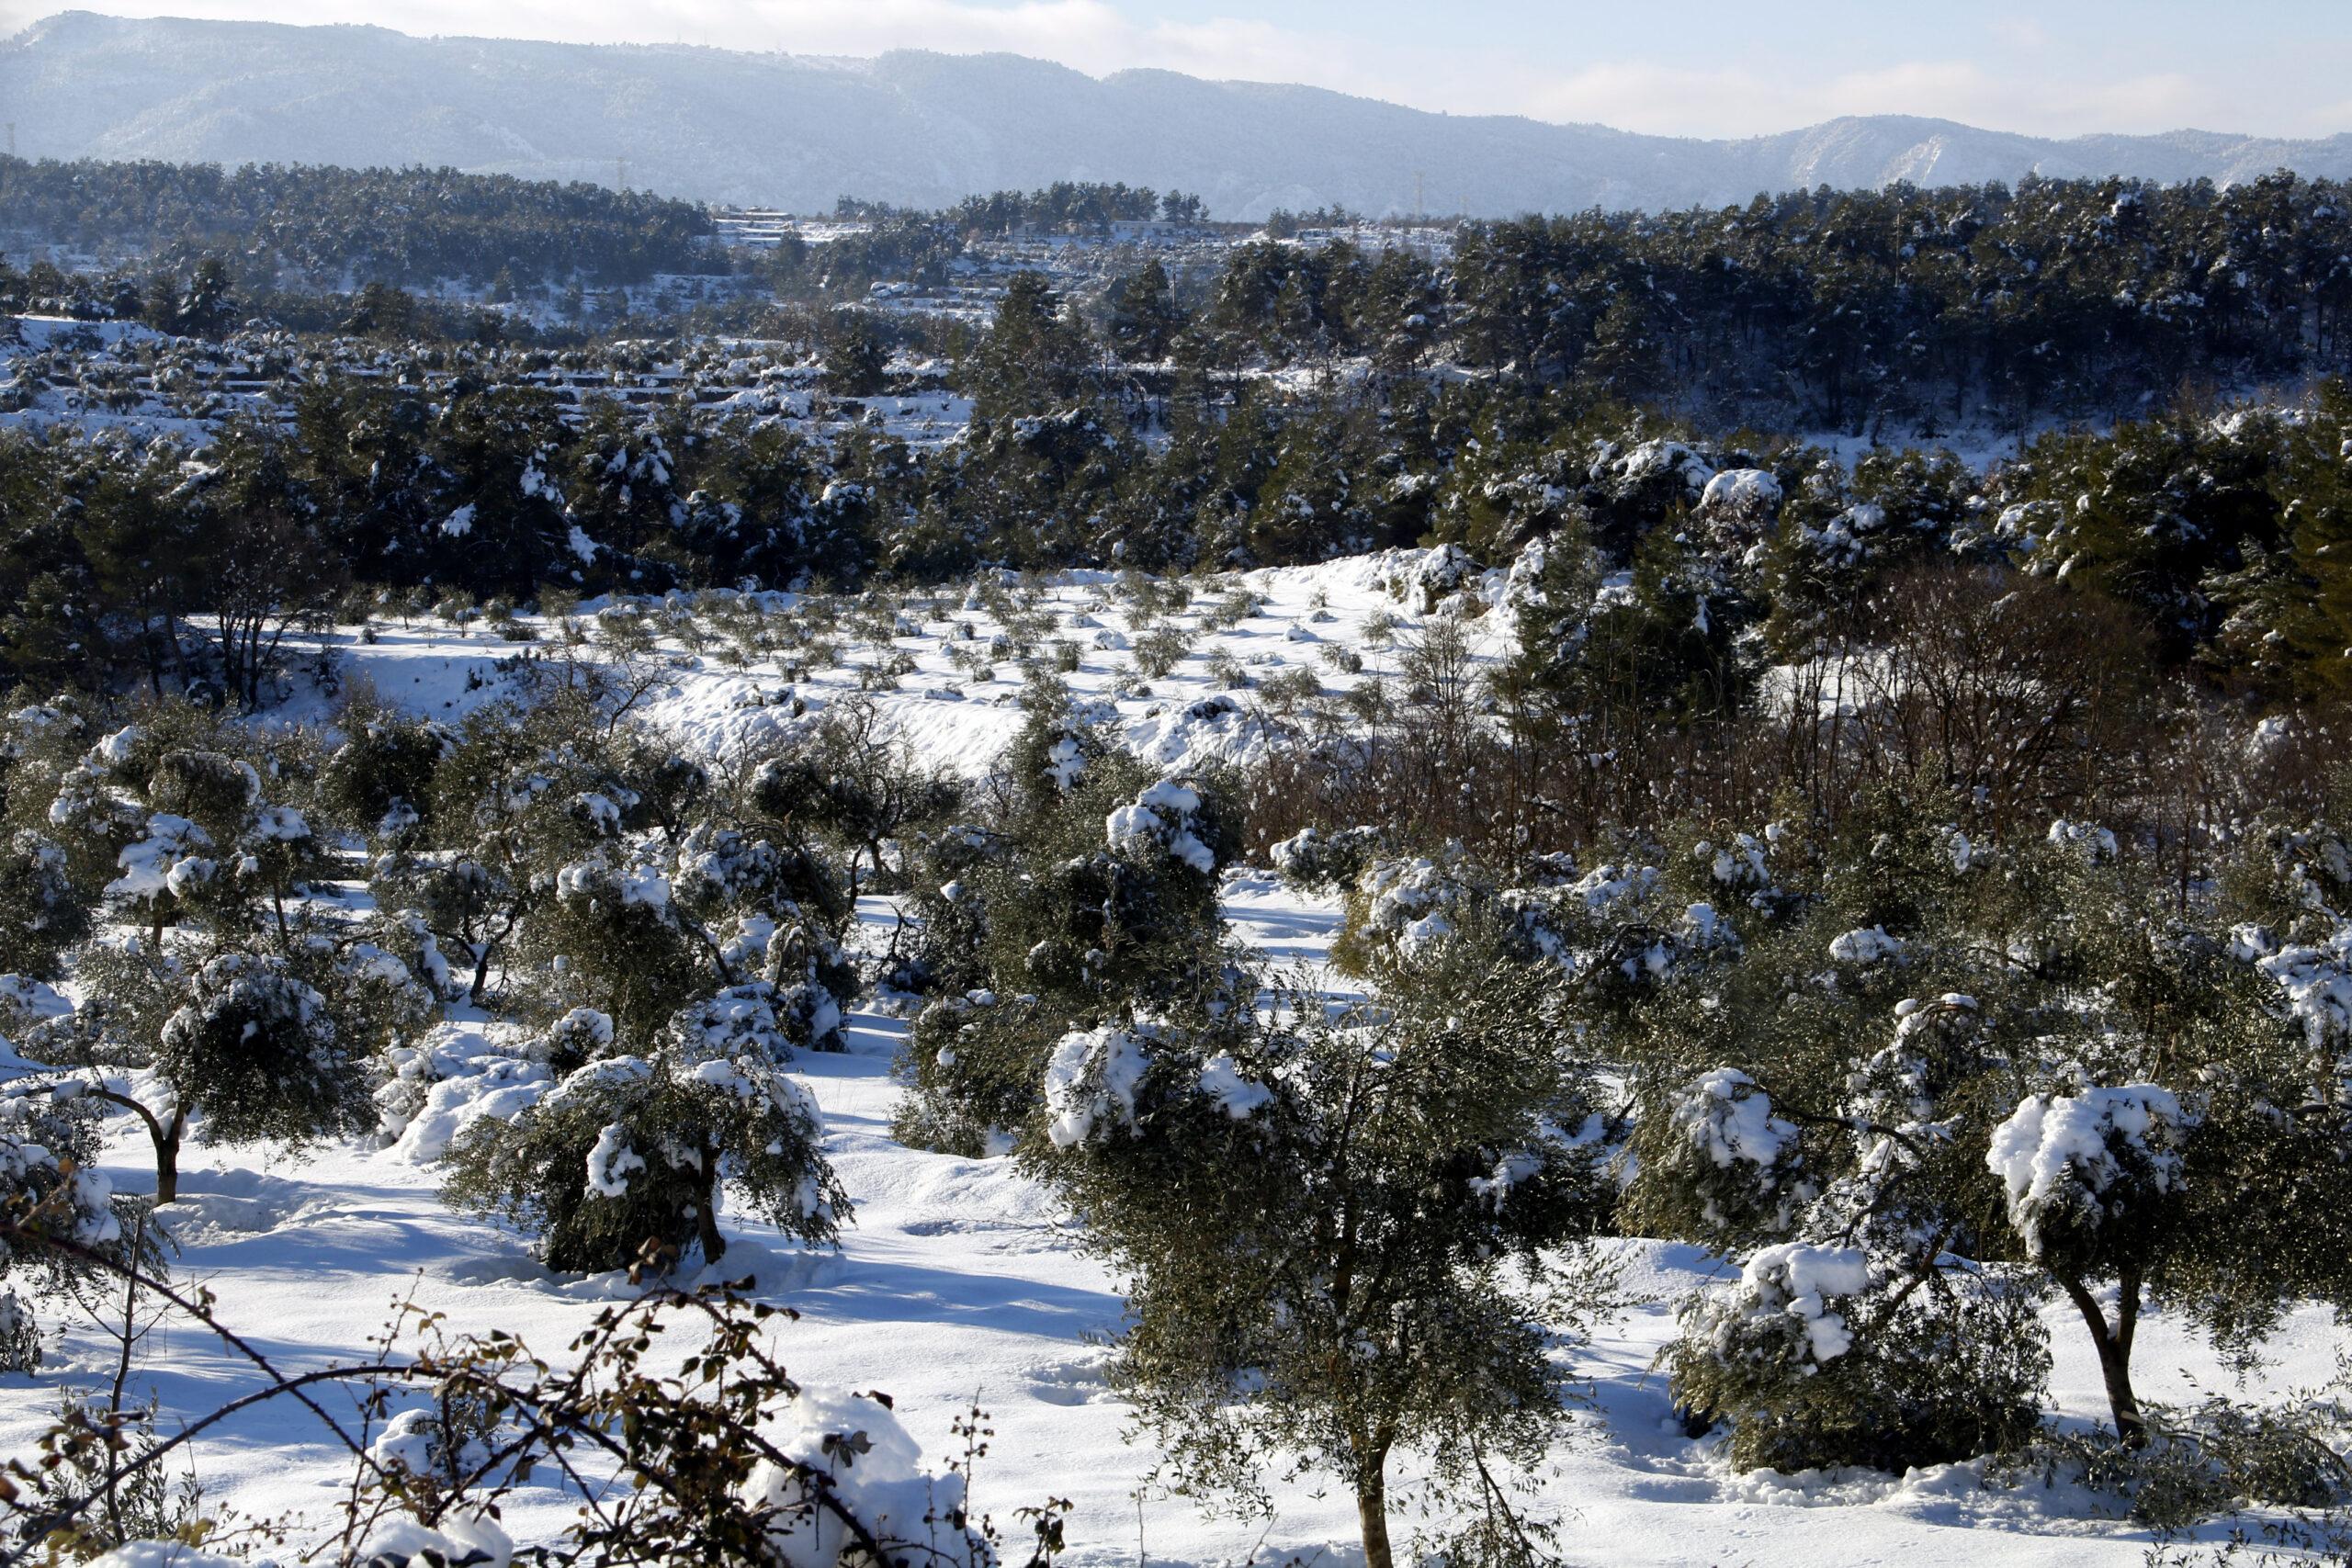 Un camp d'oliveres amb arbres amb rames trencades pel pes de la neu, a Vinaixa | ACN